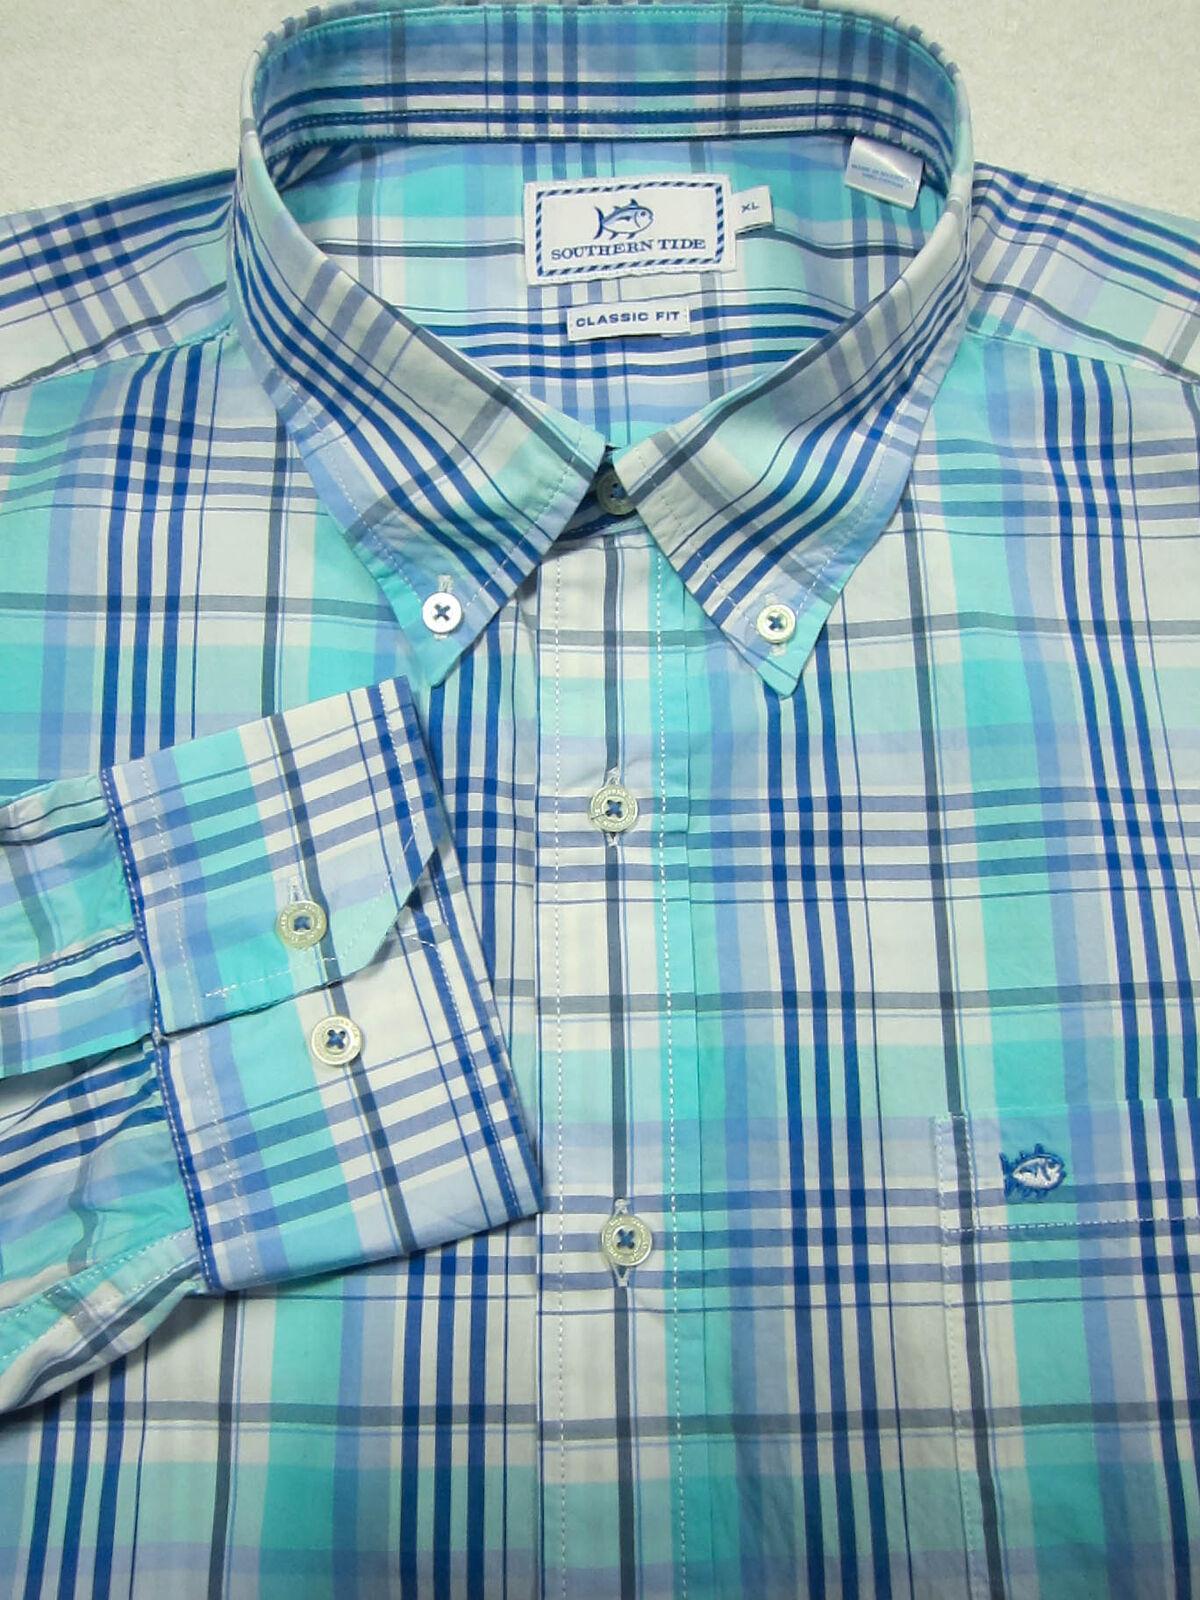 Bellissimo Southern Tide Colore Foglia di Tè e Blu Plaid Camicia Cotone XL 18x35